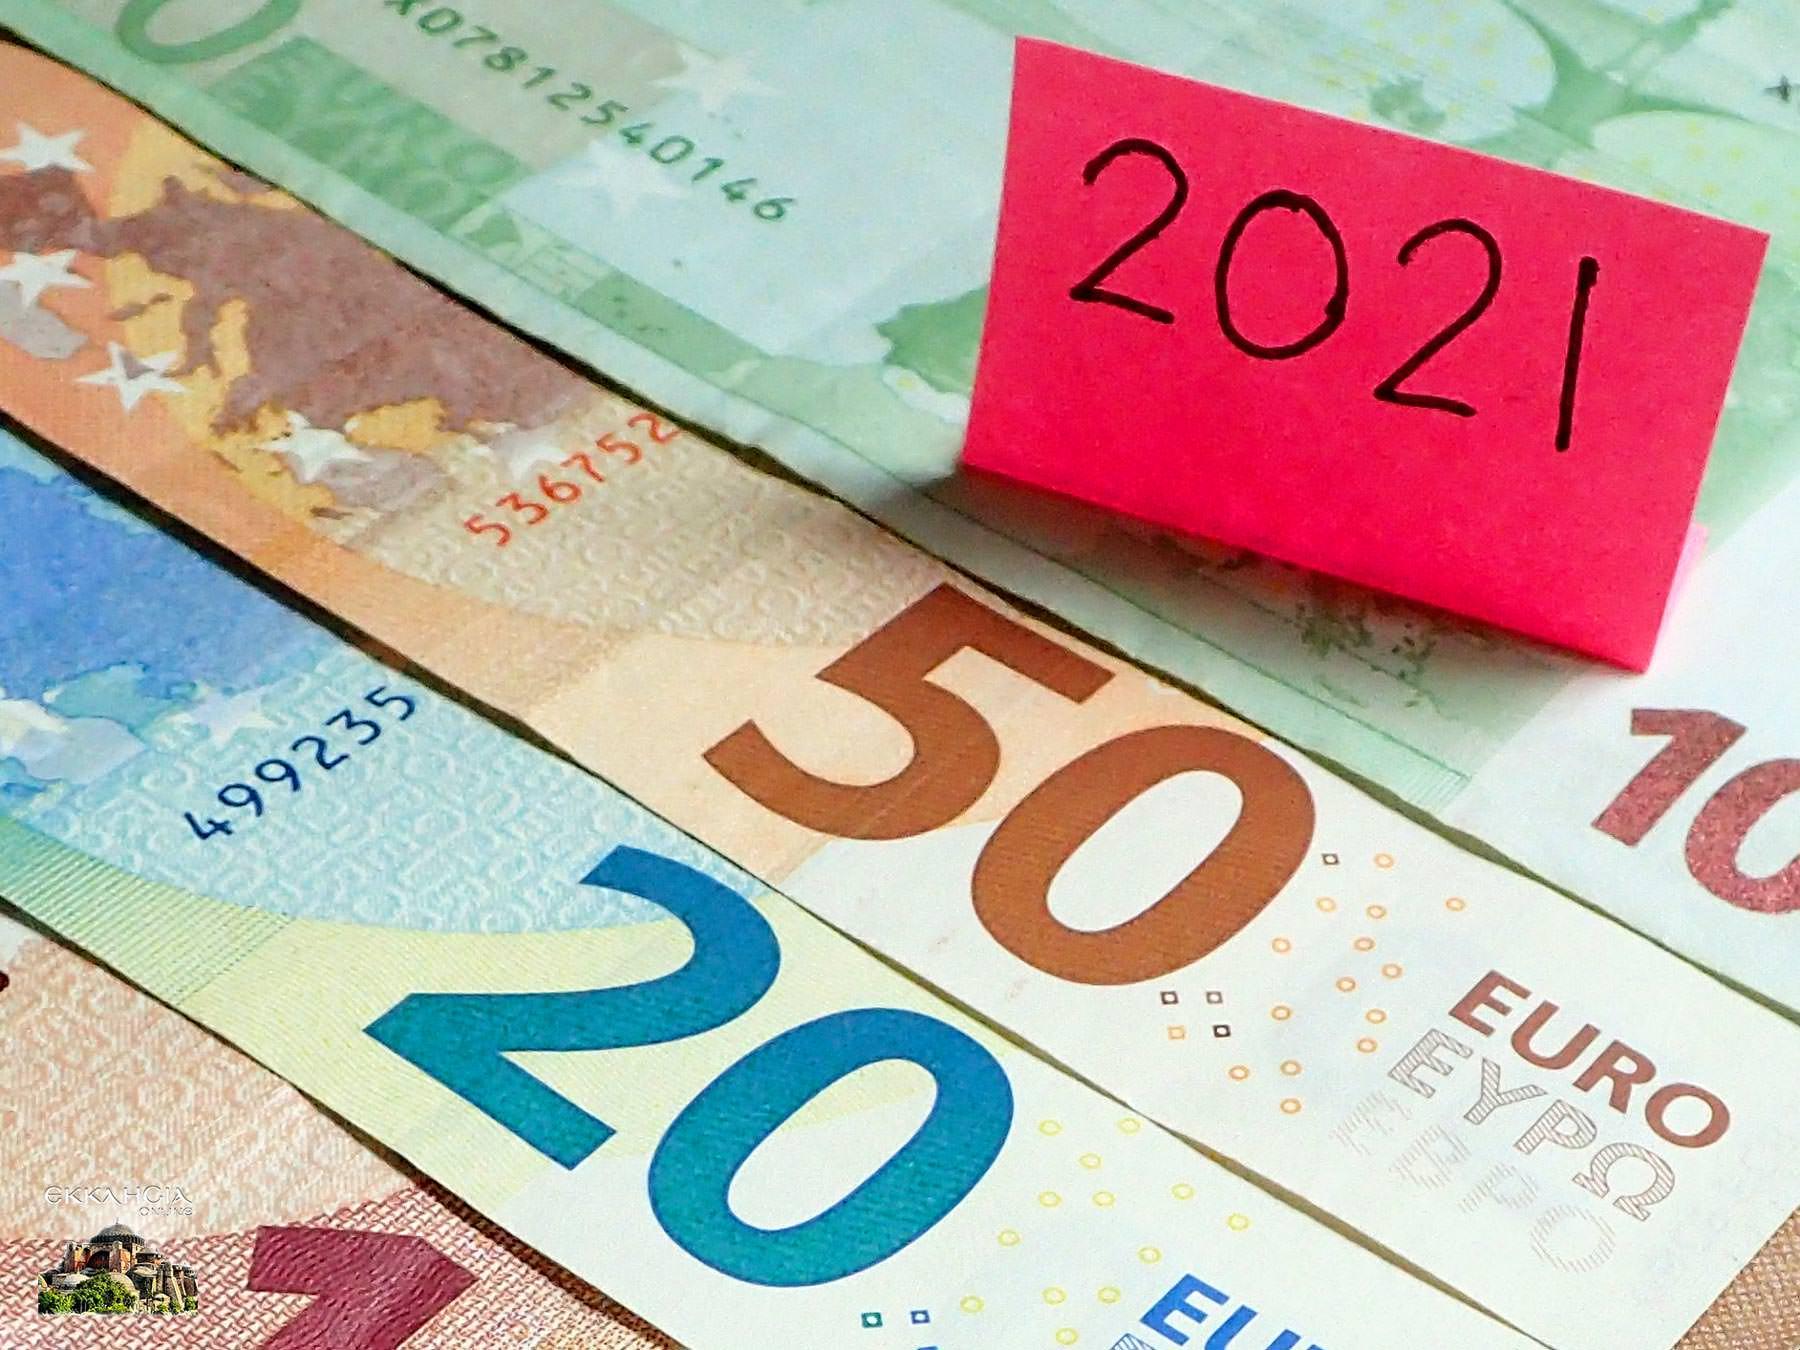 επιδόματα πληρωμές 2021